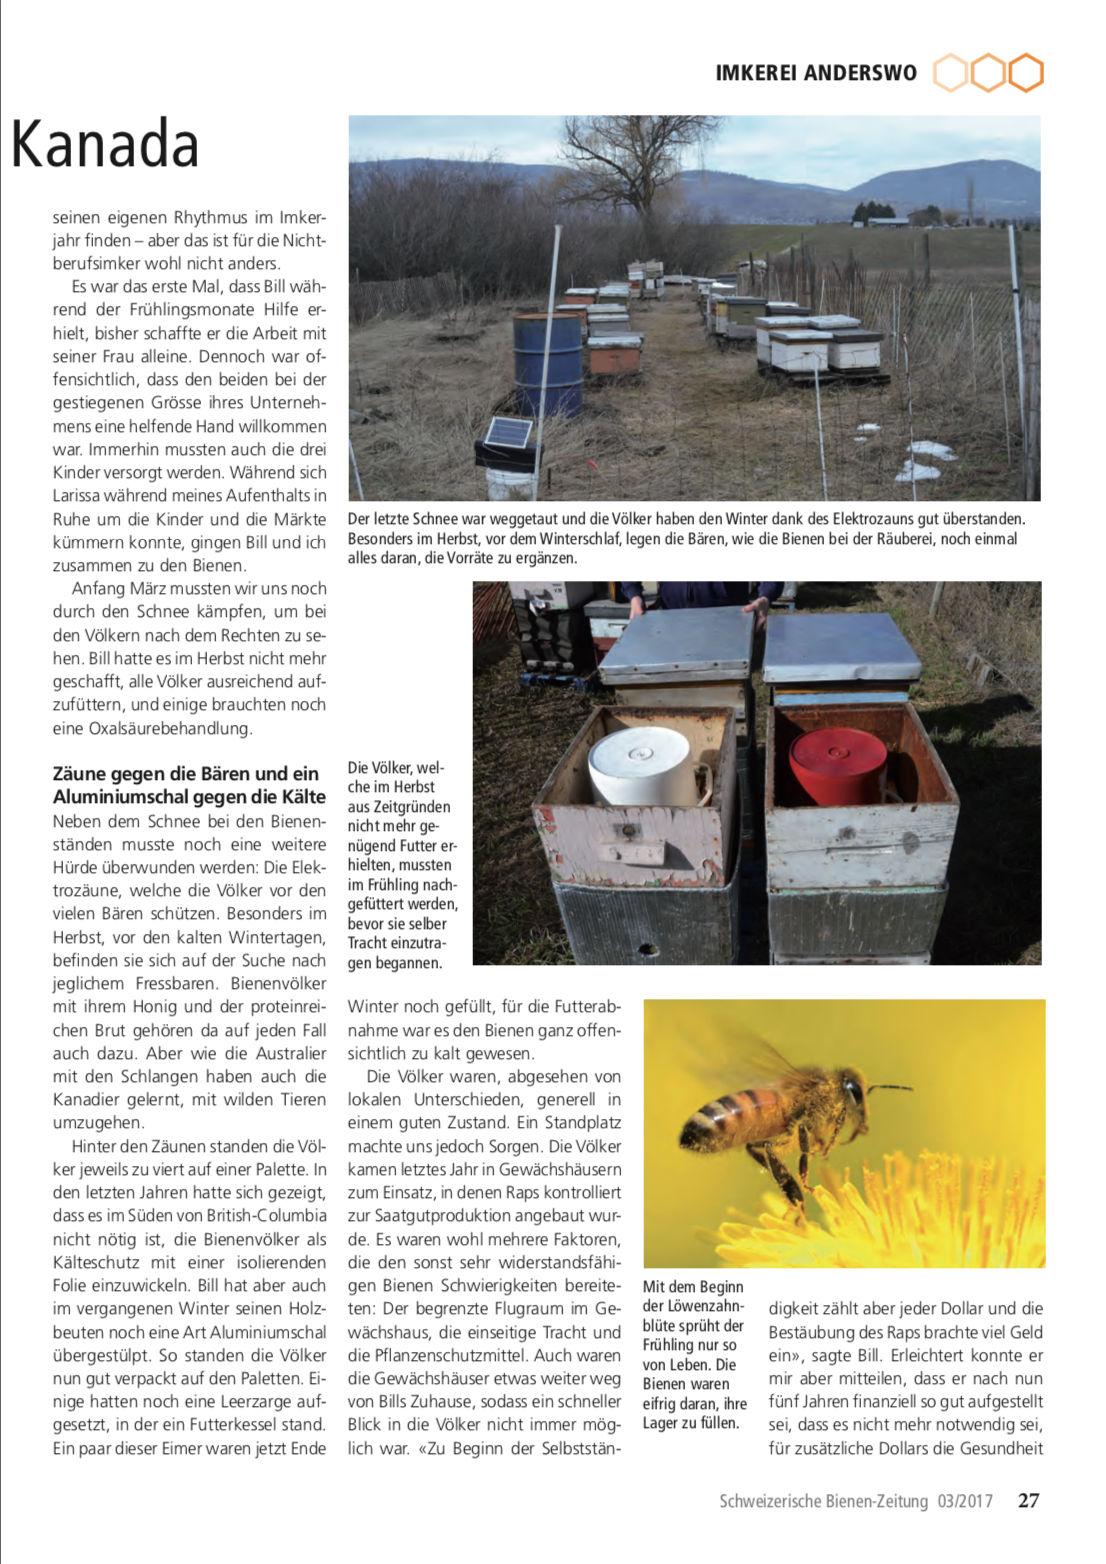 Artikel Imker auf Weltreise-dritte Station: Kanada Seite 2 Schweizerische Bienenzeitung Felix Mrowka